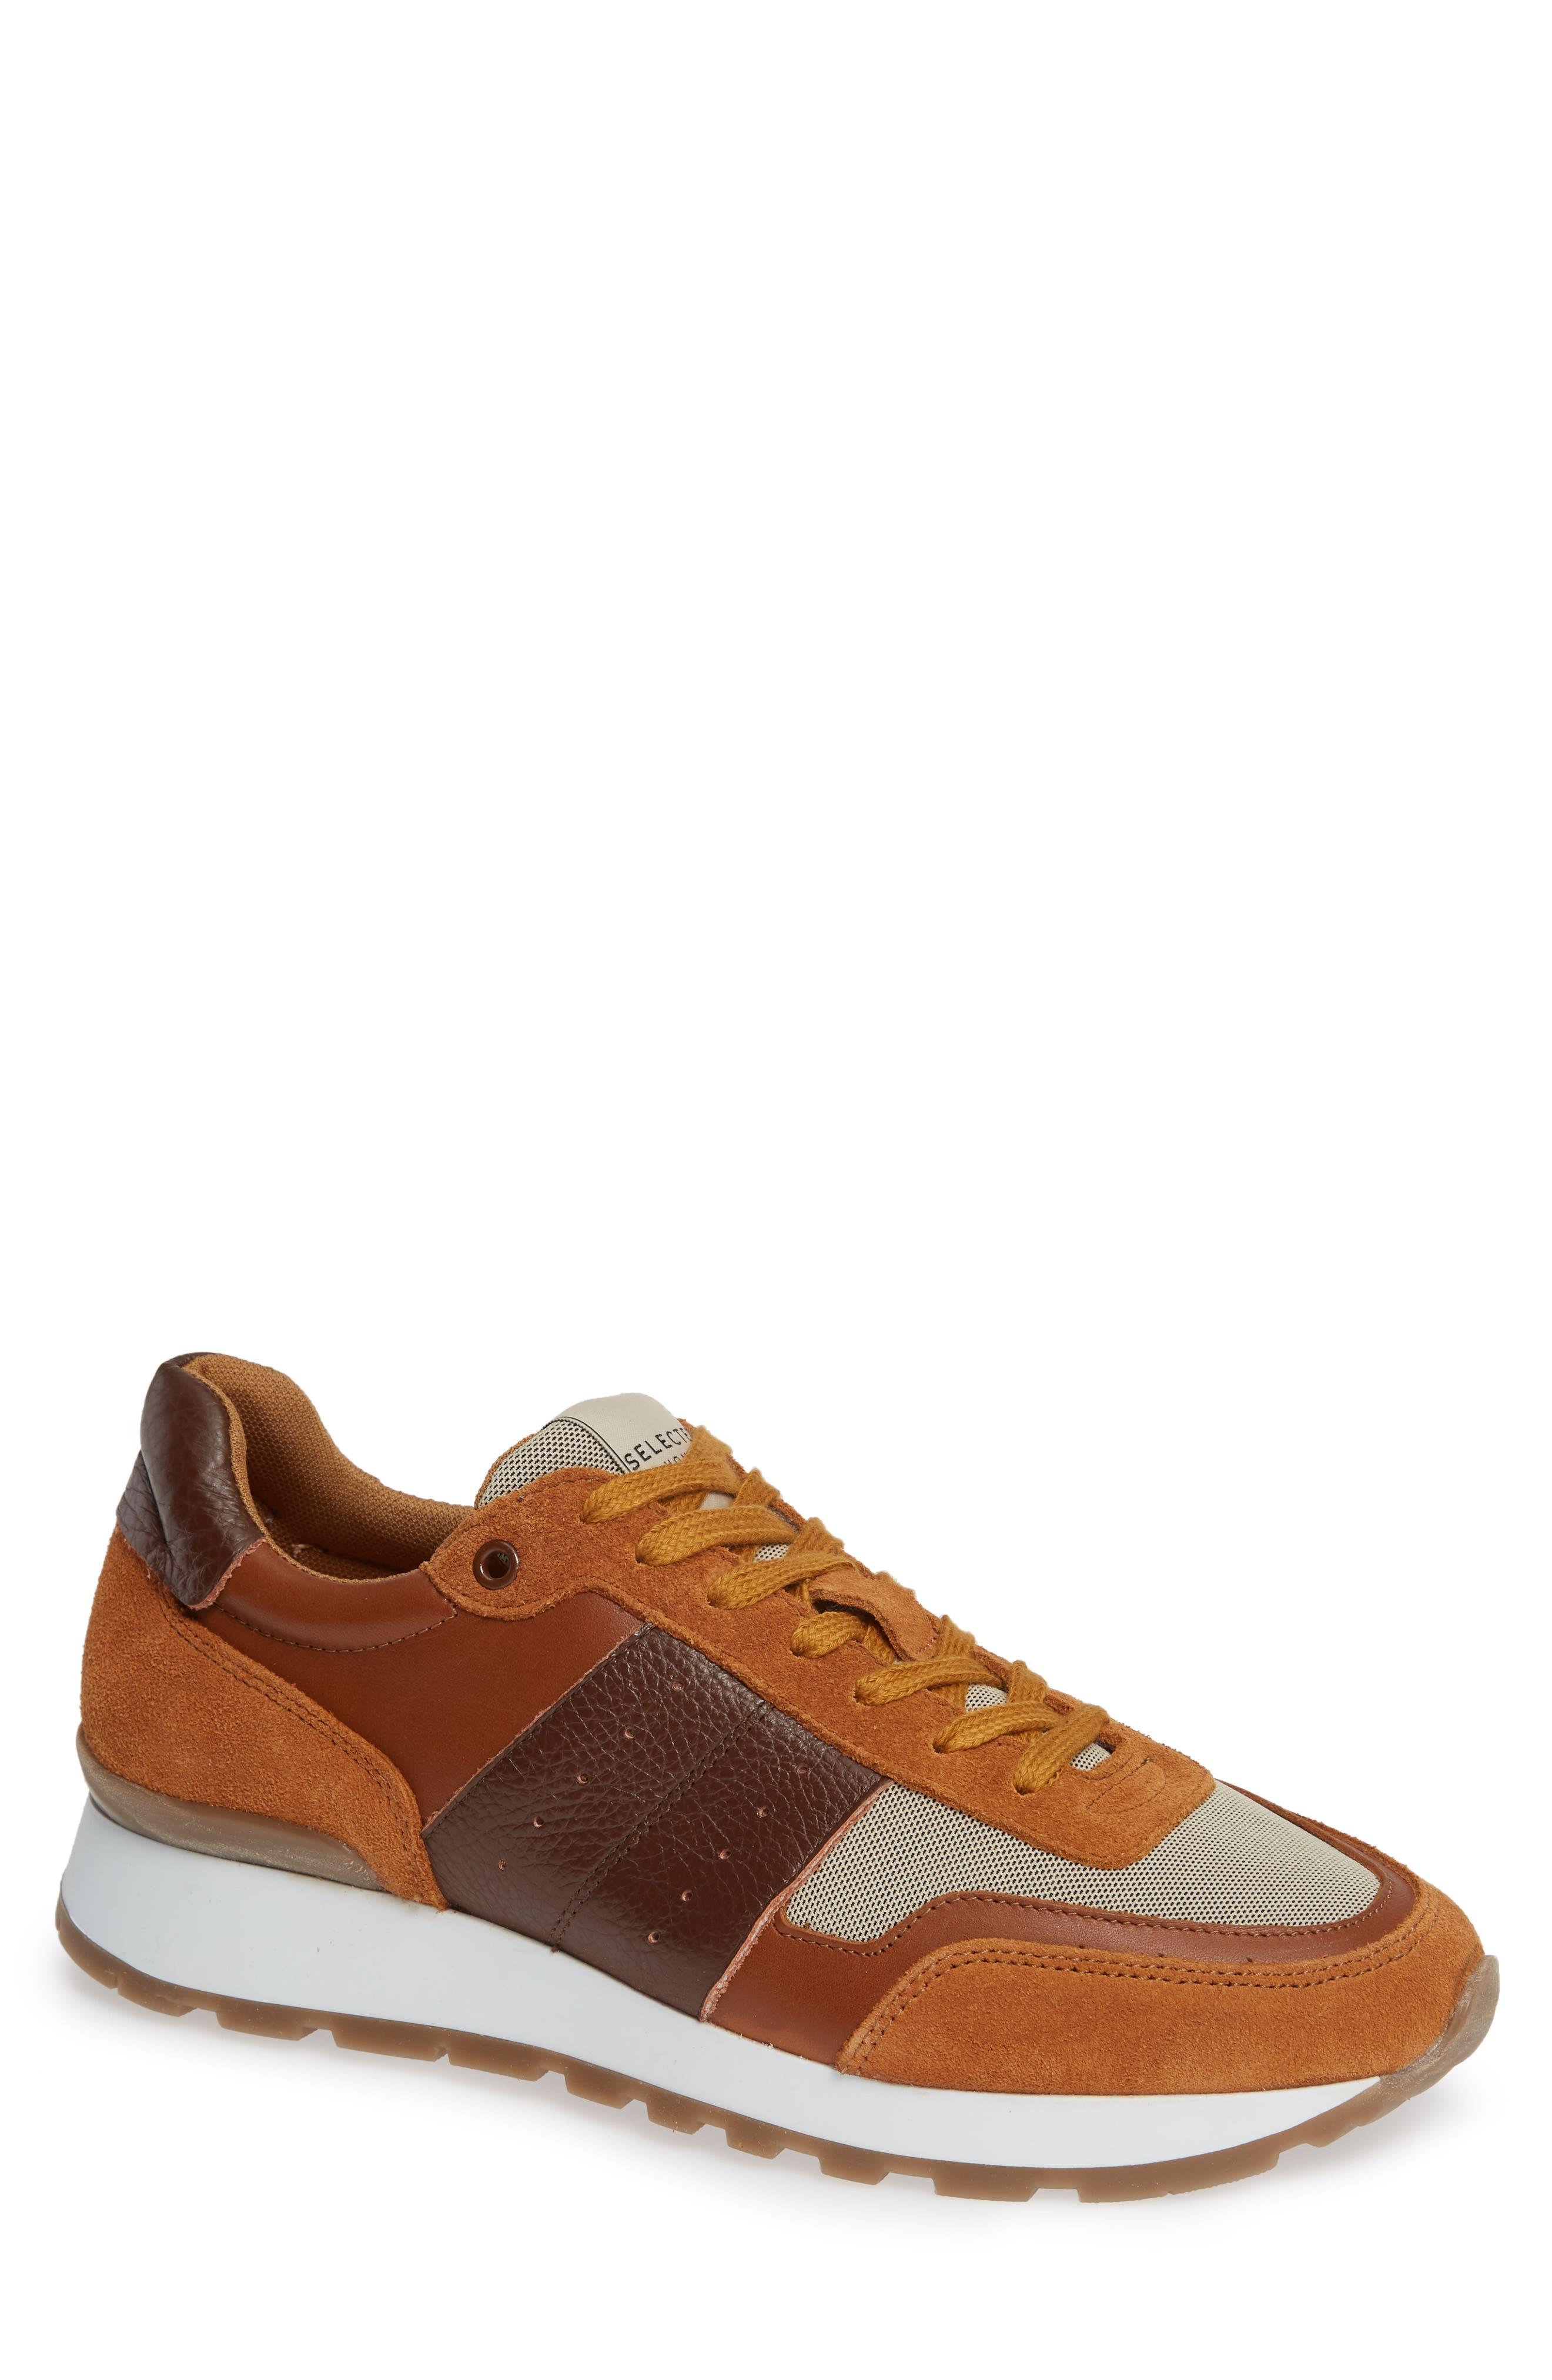 Frank Mix Sneaker,                         Main,                         color, GLAZED GINGER